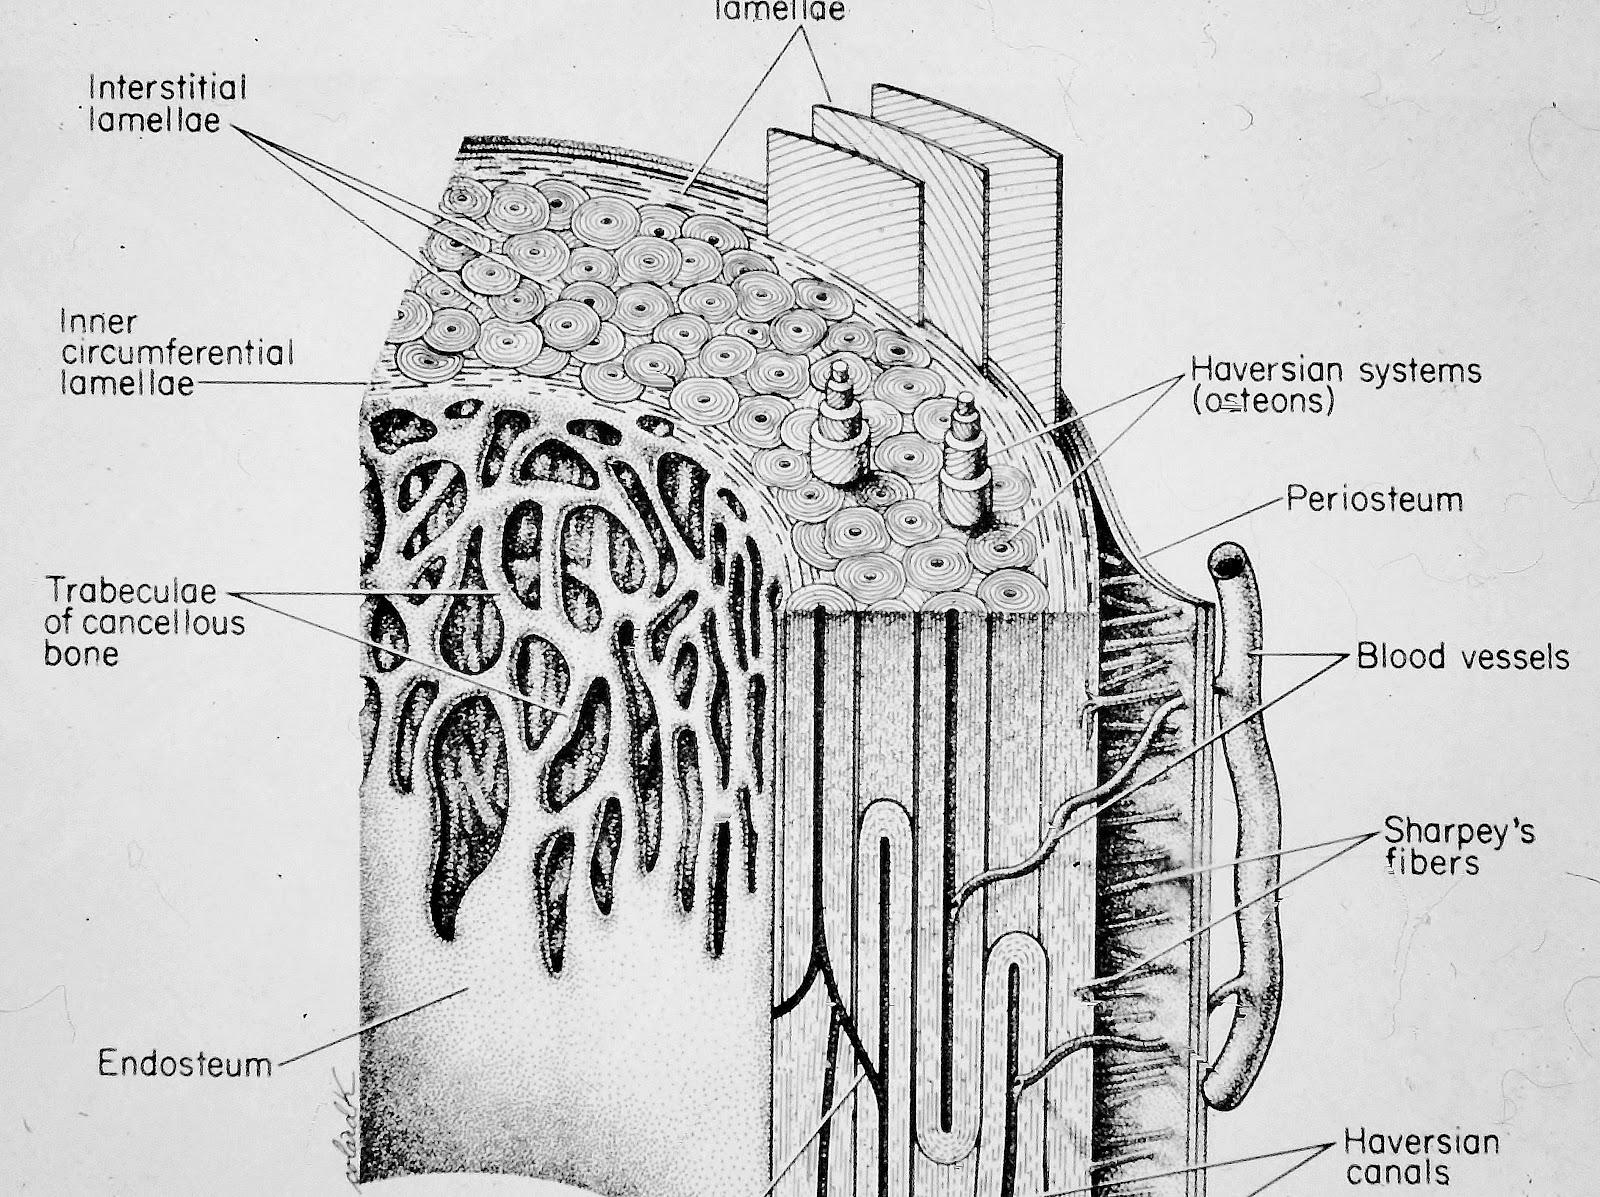 Niedlich Havers System Galerie - Menschliche Anatomie Bilder ...